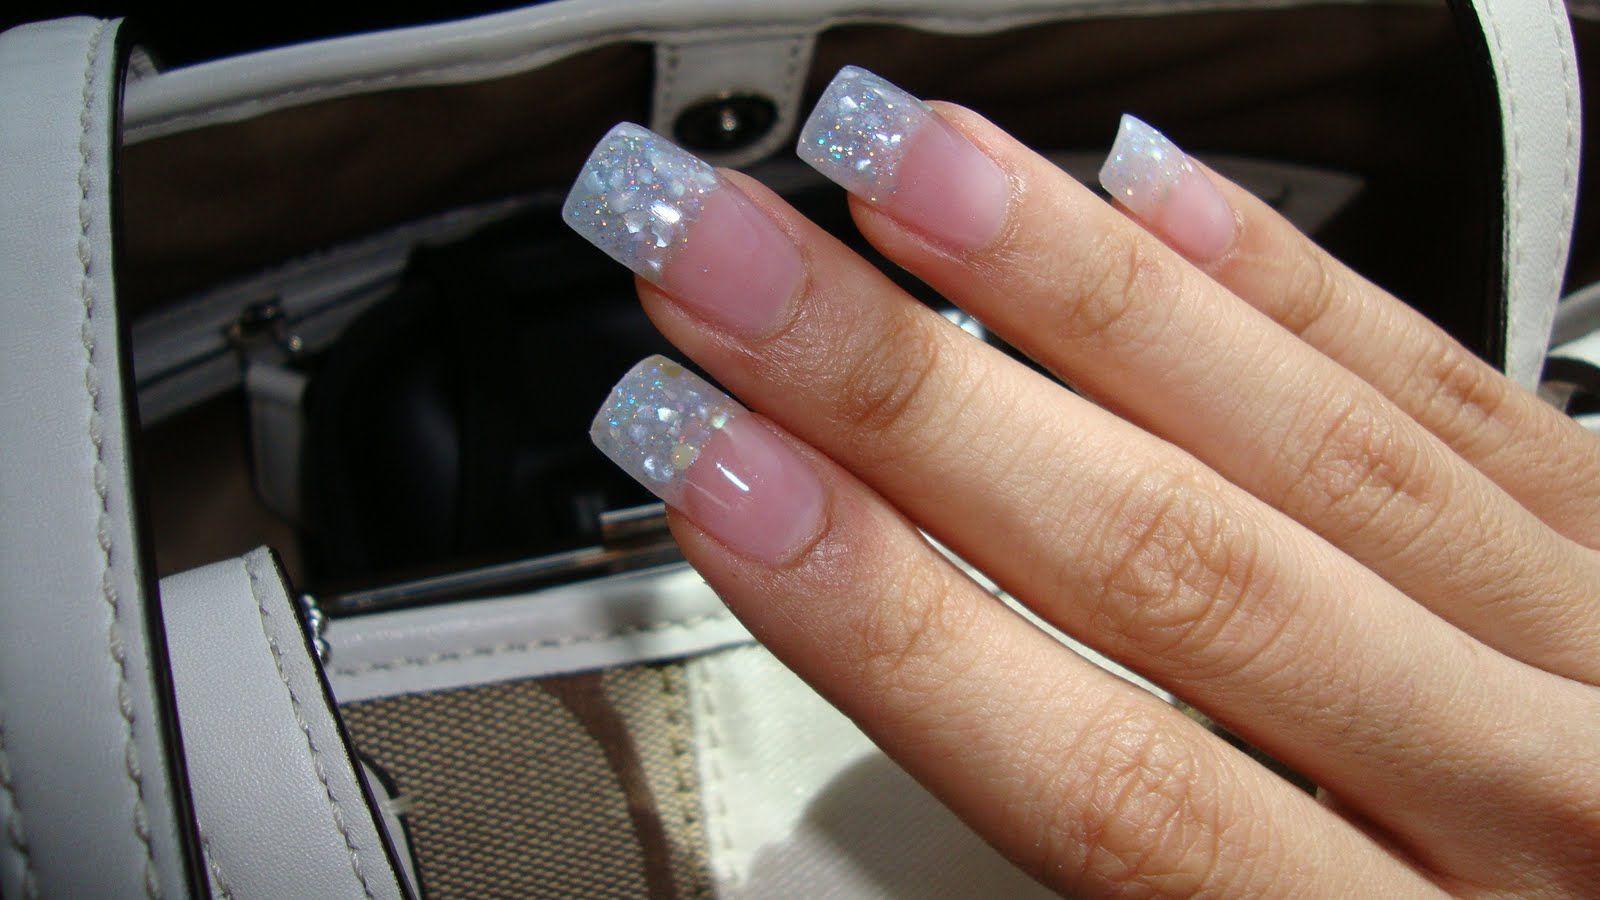 White Glitter Tip Nails Pics | Nails | Pinterest | Long square nails ...